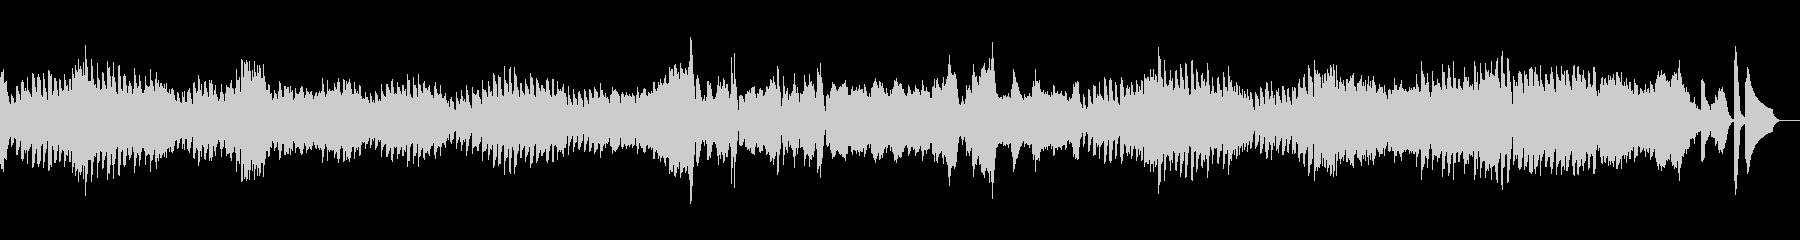 エチュード 作品10-4オルゴールverの未再生の波形